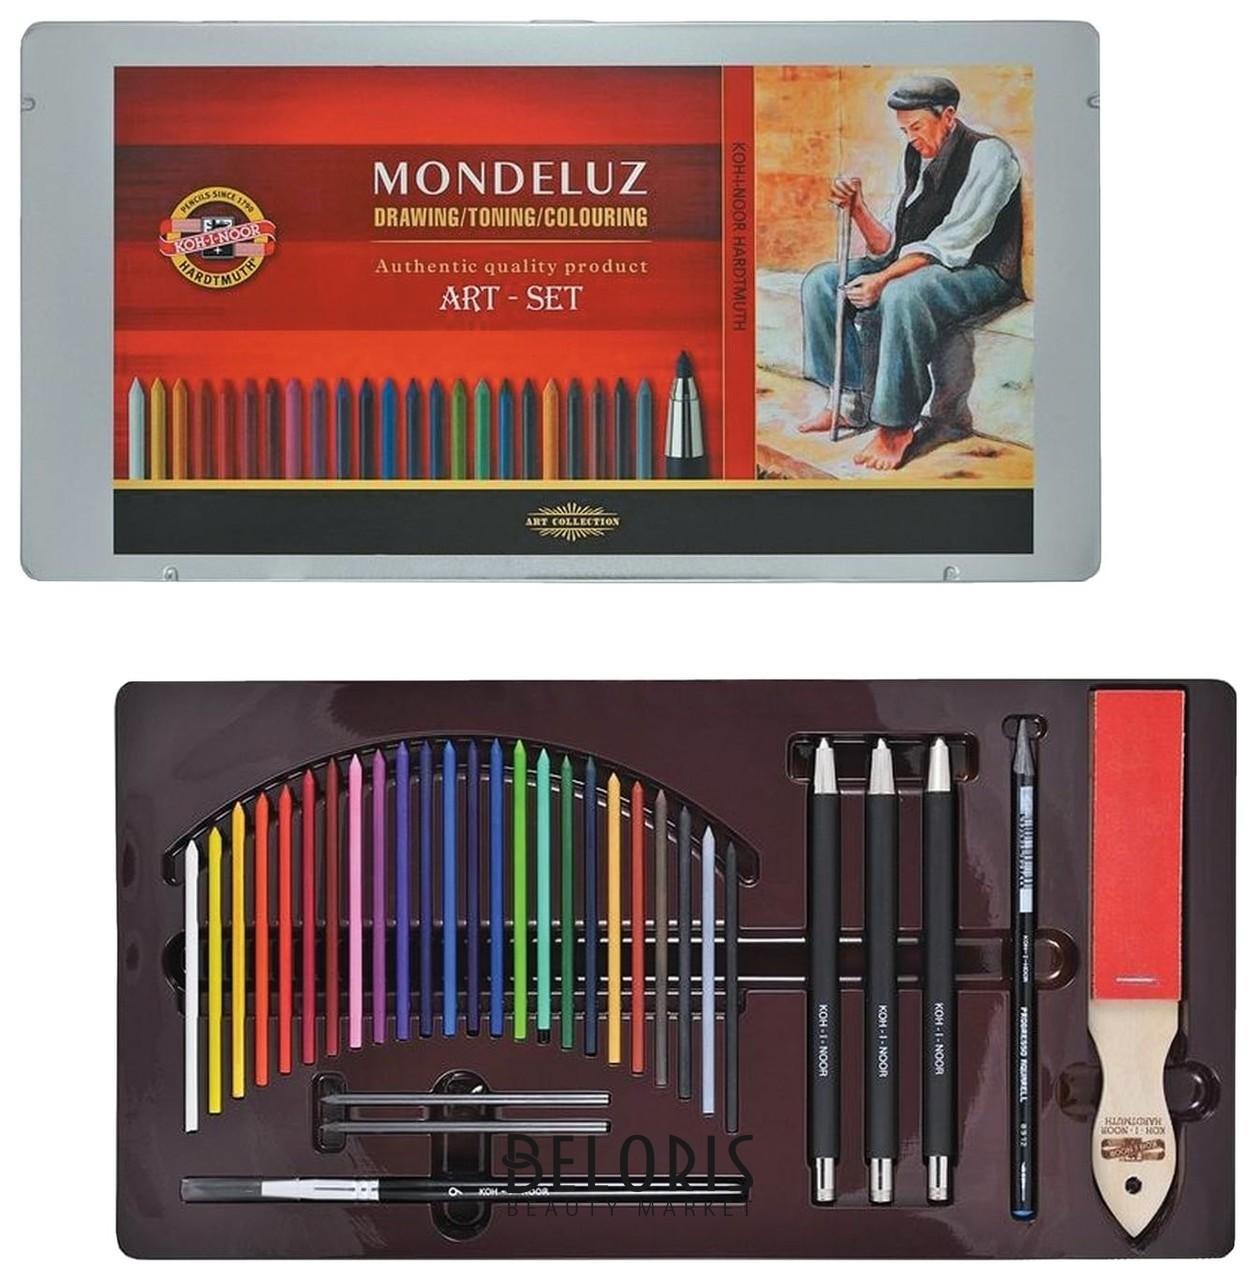 Набор художественный Koh-i-noor Mondeluz, 32 предмета, металлическая коробка Koh-i-noor